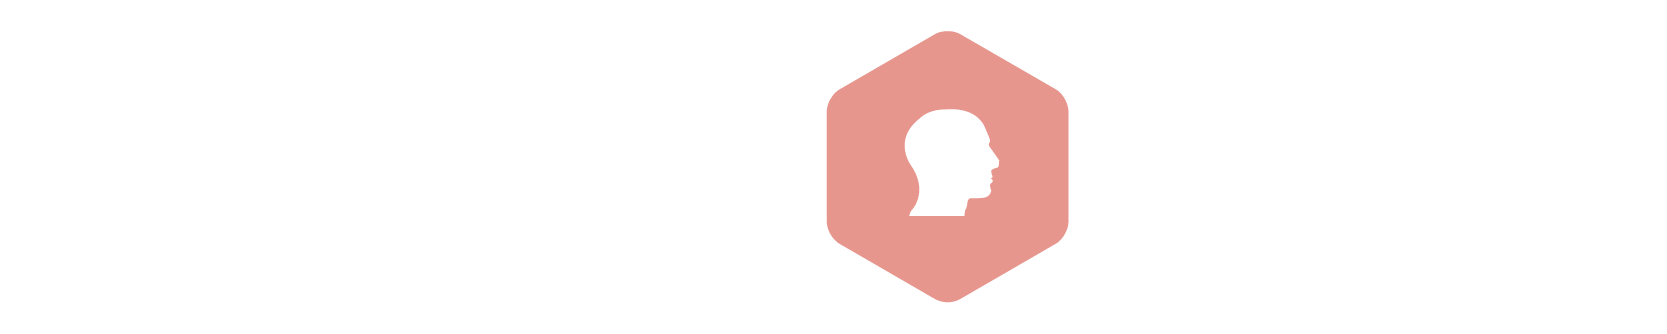 crossmkg_logo